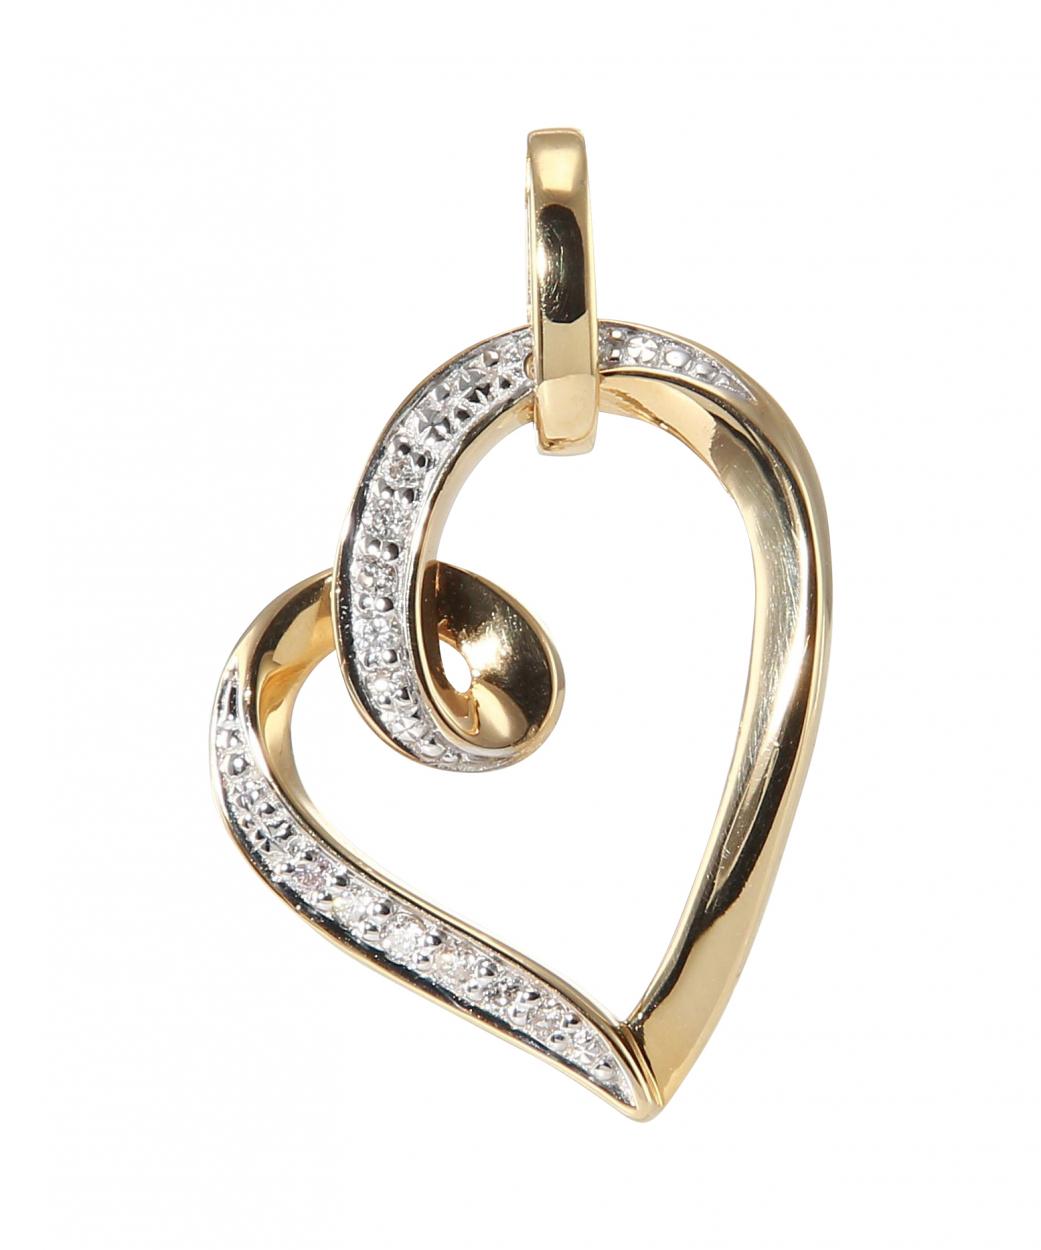 pendentif coeur or jaune 750 diamant carat ref 39801. Black Bedroom Furniture Sets. Home Design Ideas